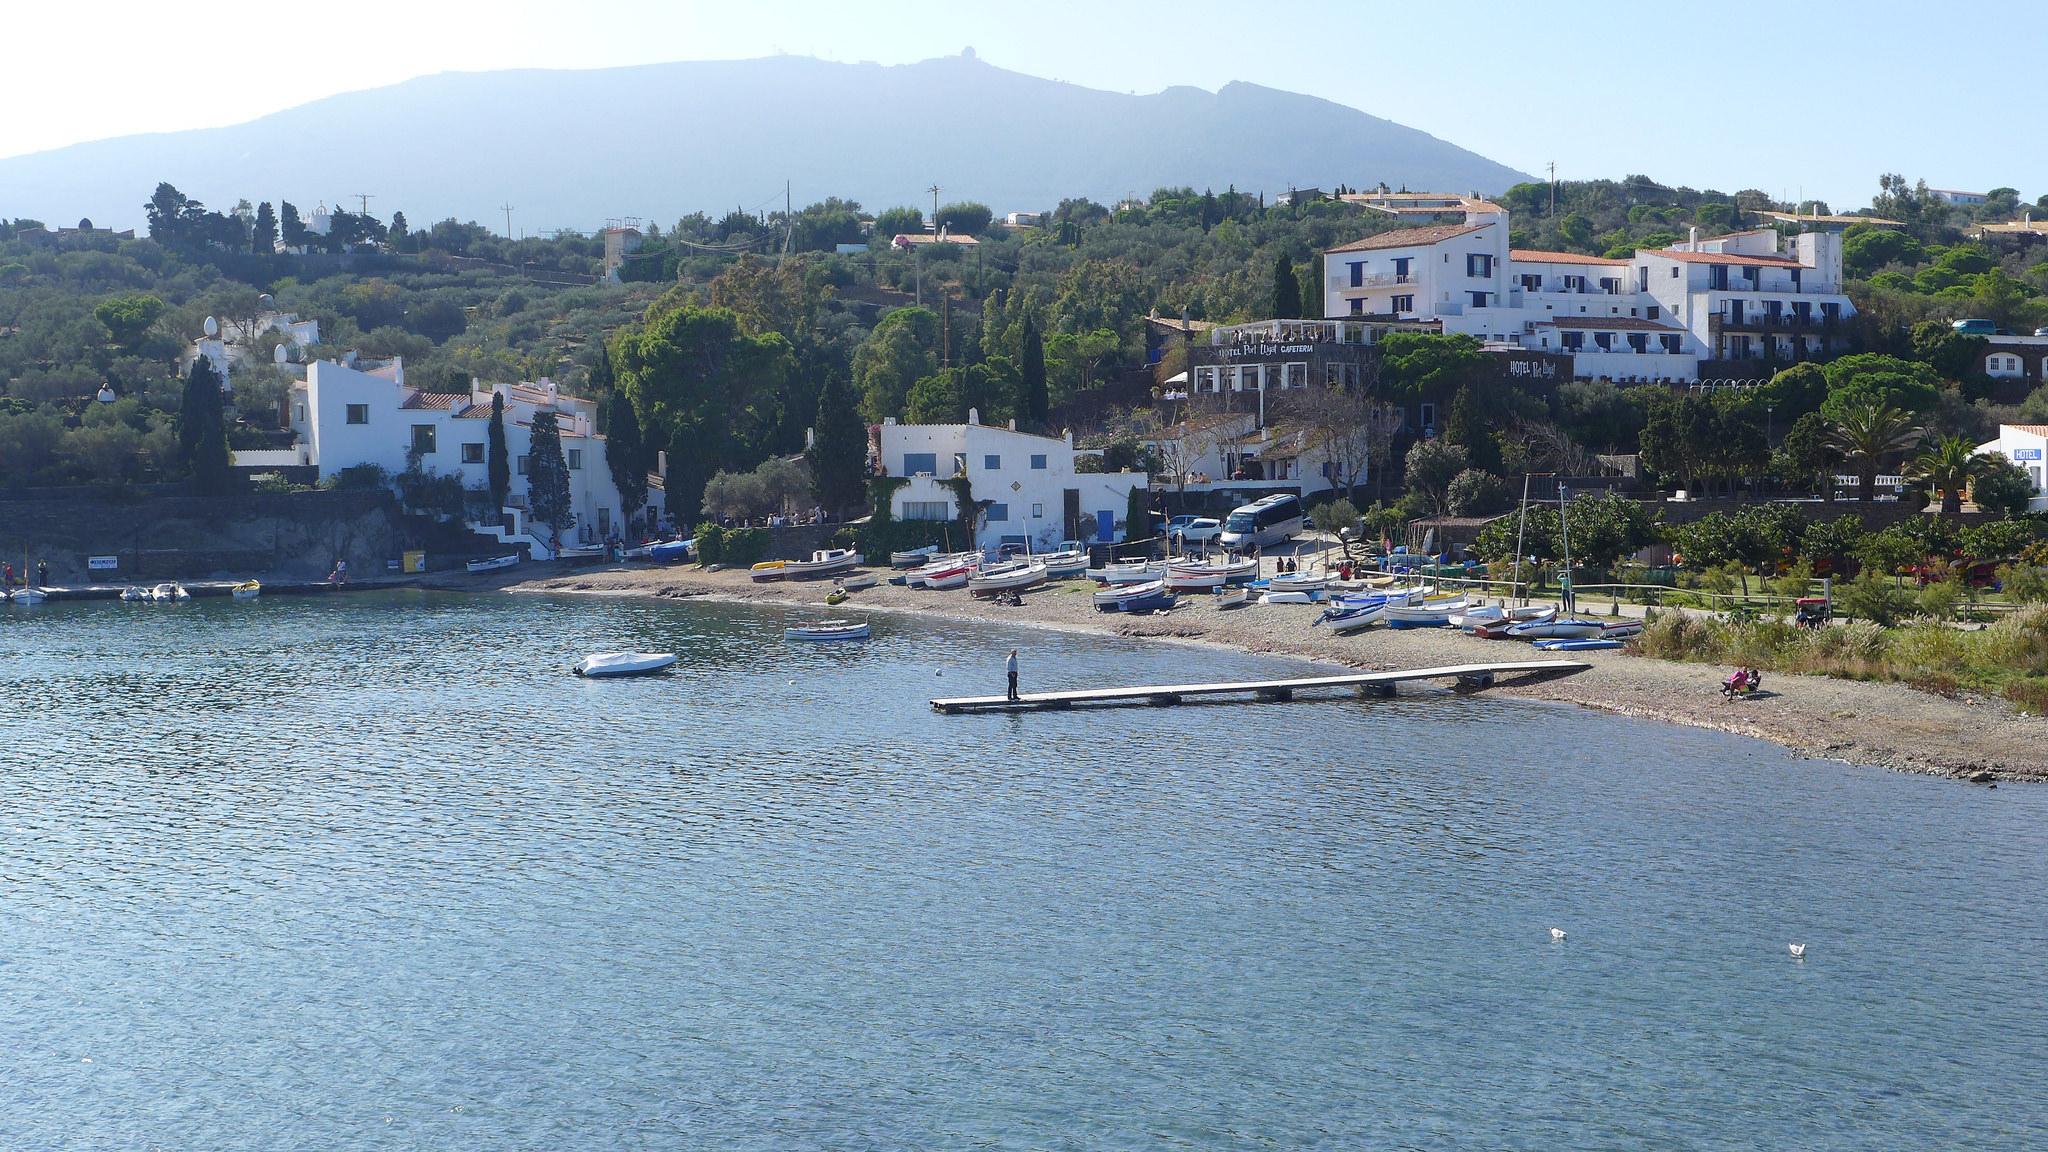 Hotel Cadaques Port Lligat